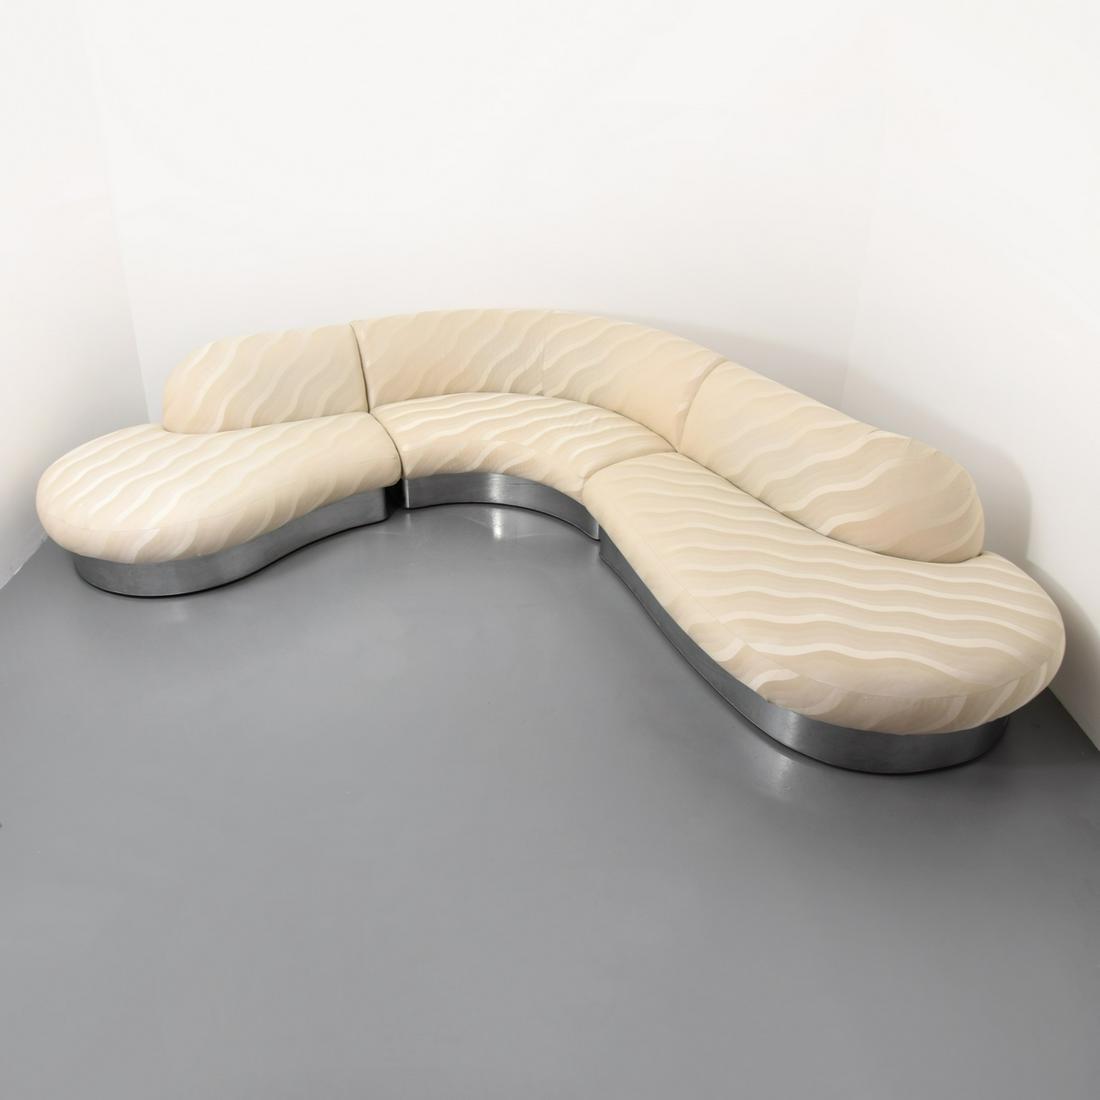 Milo Baughman 3-Piece Sectional Sofa